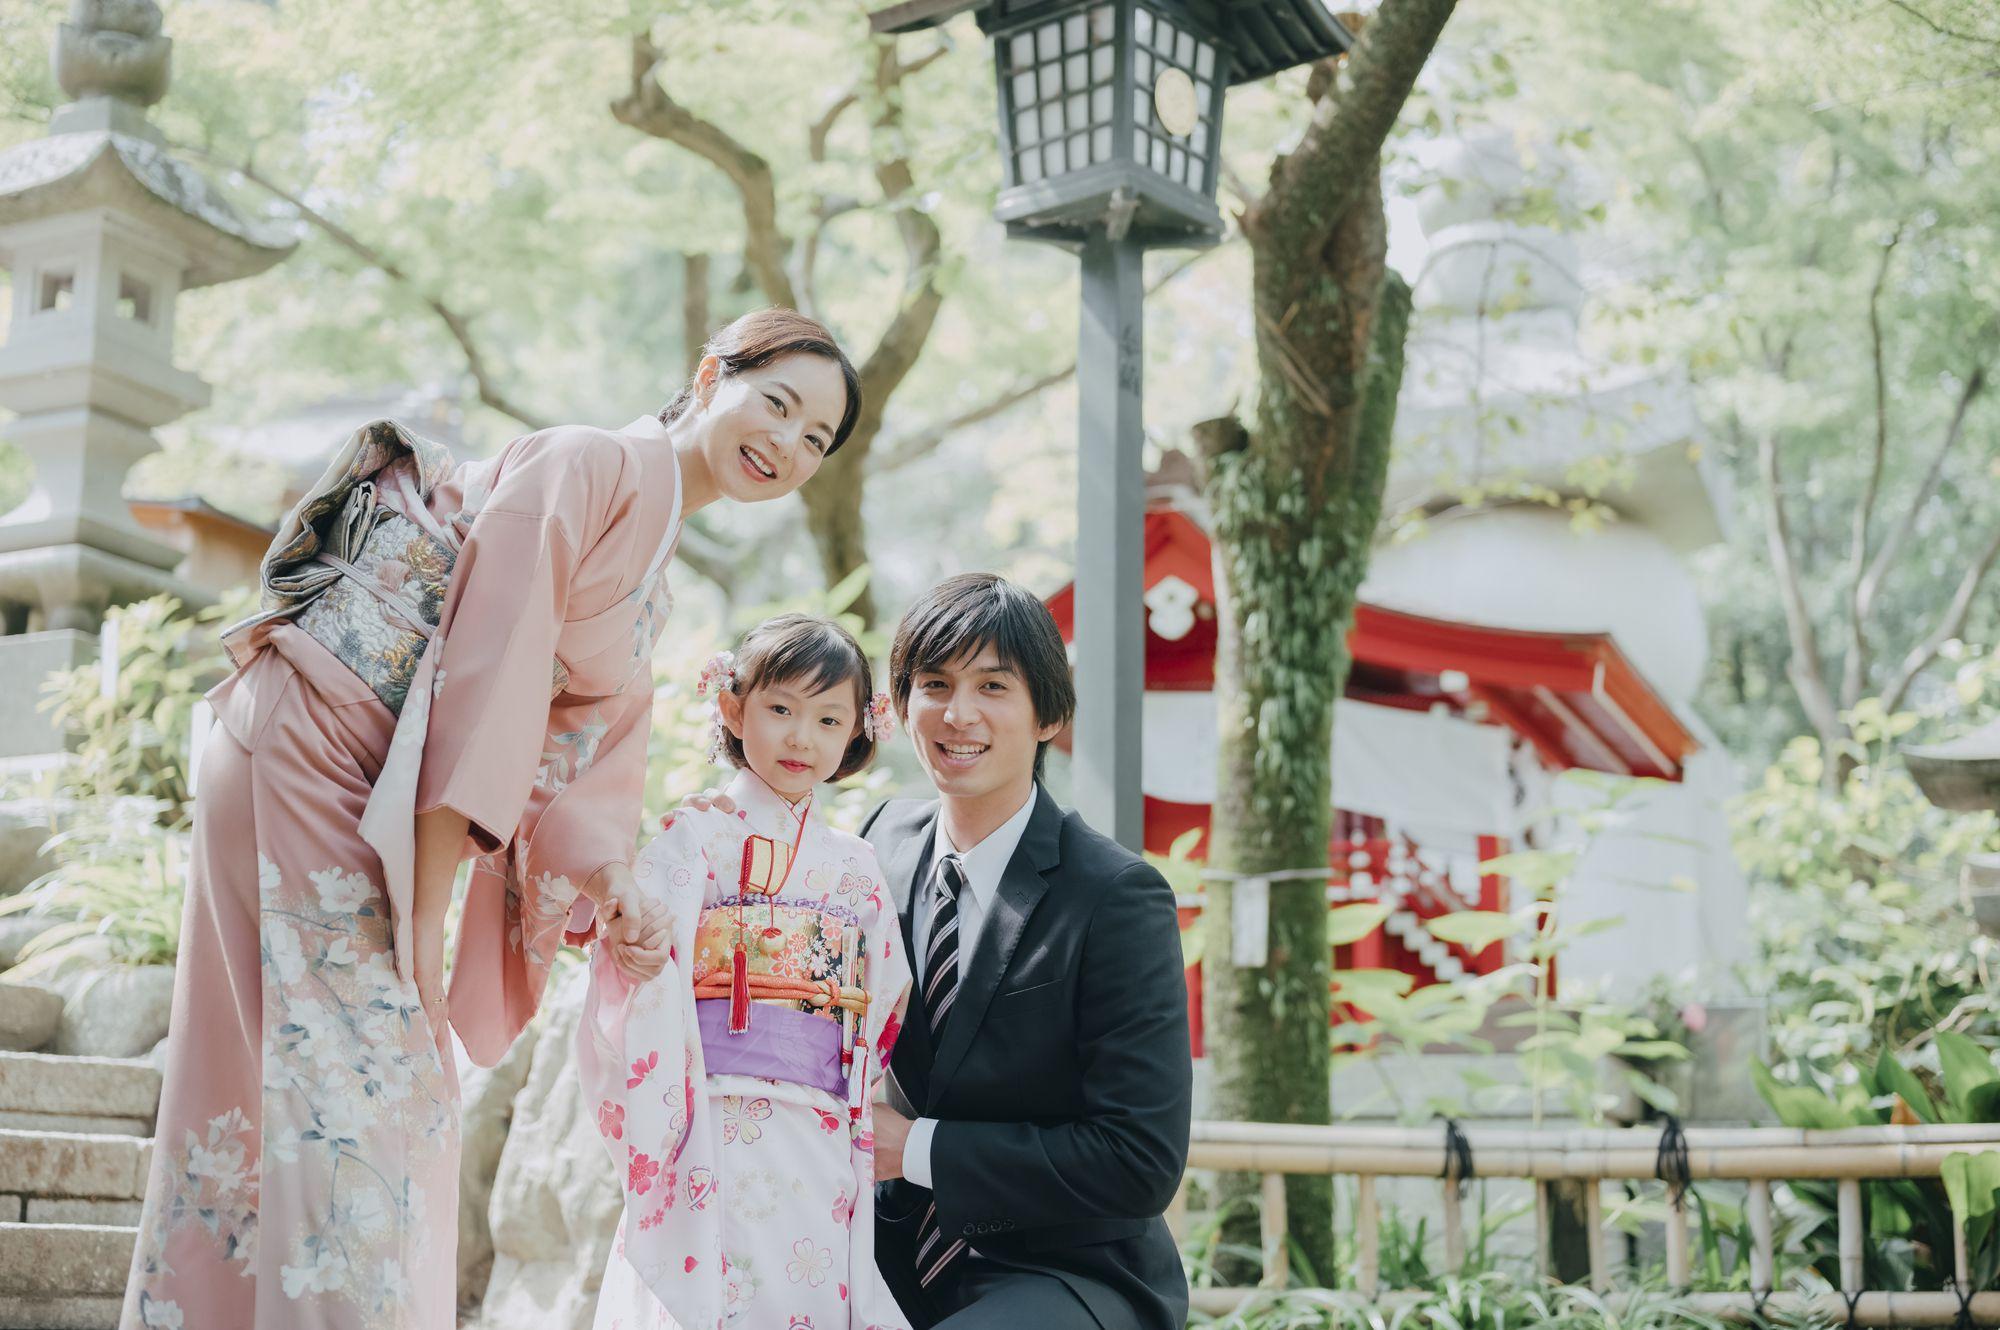 """<span class=""""title"""">七五三の家族写真、親はどんな服装がベスト?衣装を選ぶポイント</span>"""